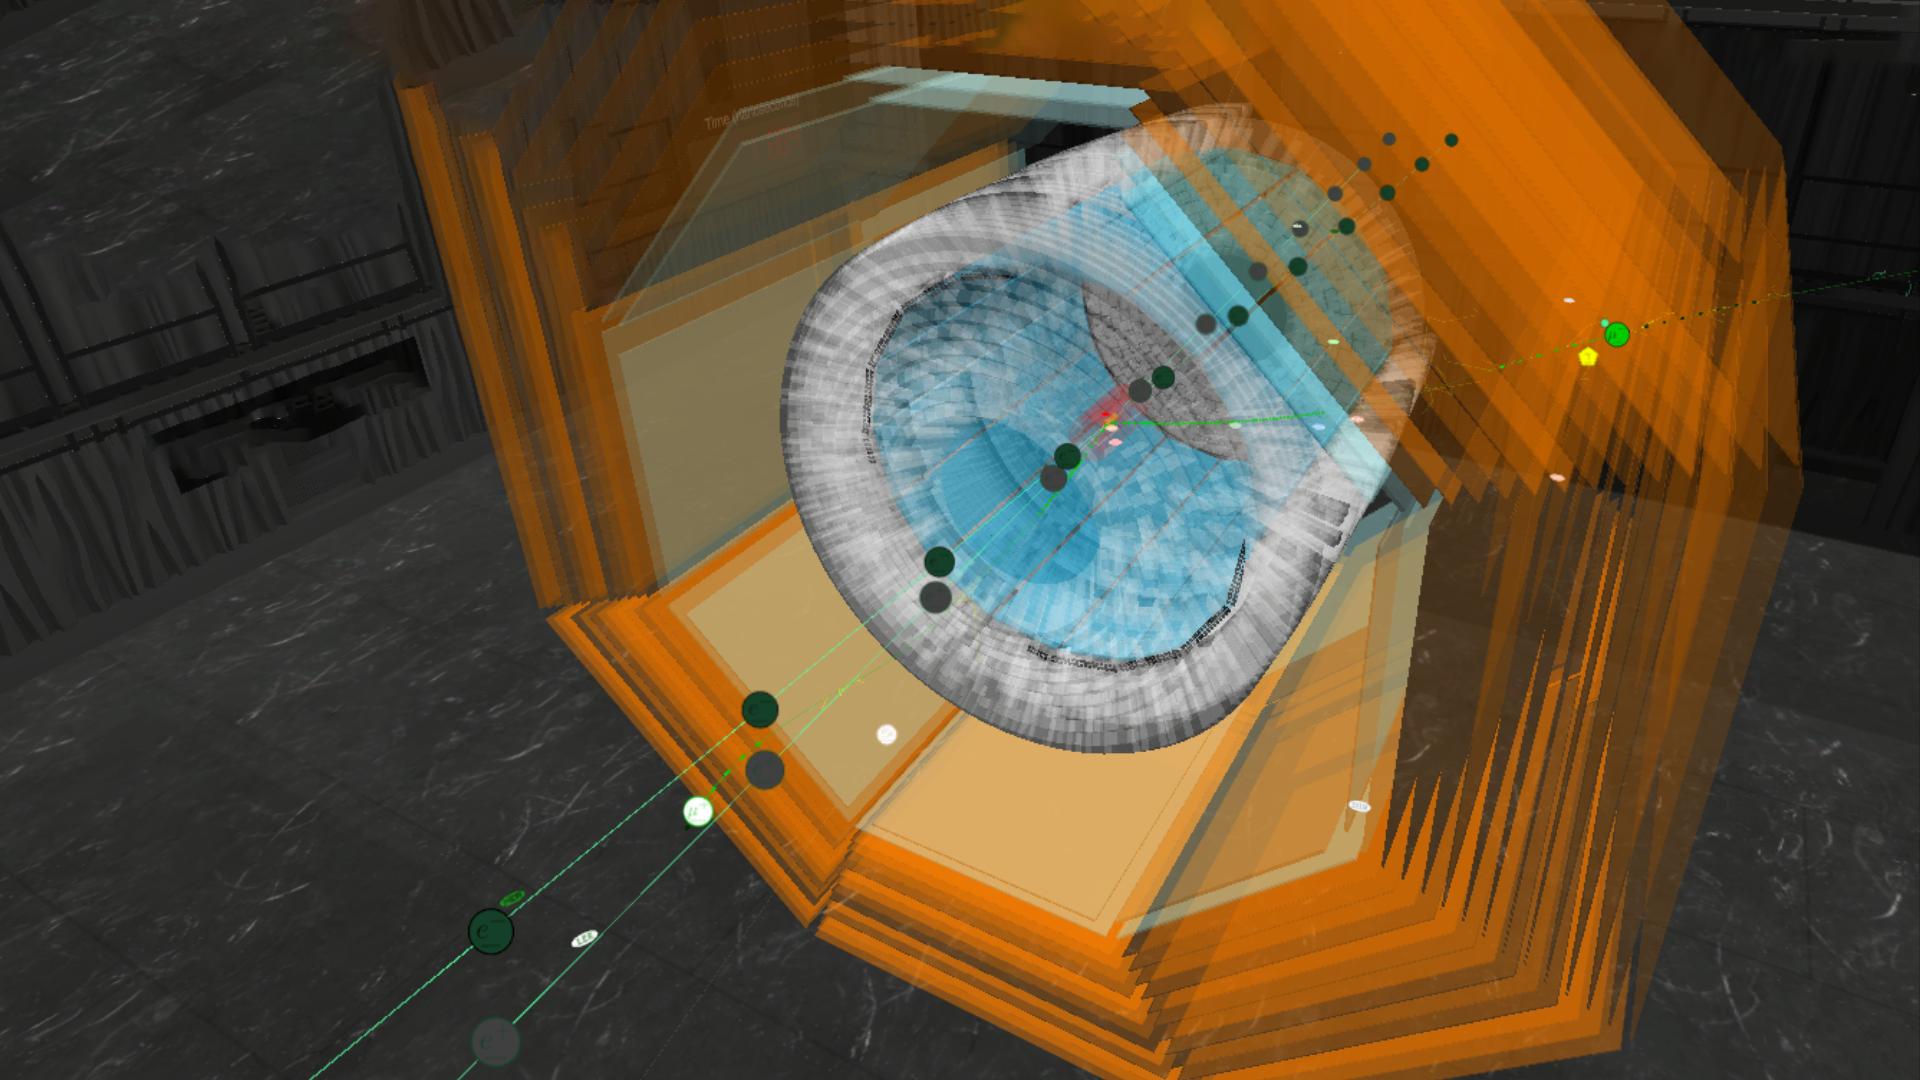 Imagen generada por ordenador de un evento simulado en el cual un bosón Z' es producido en colisiones electrón-positrón, asociado a dos muones, en color verde en la figura, y cuyo decaimiento se produce a partículas invisibles. En esta figura, el bosón Z' decae a un neutrino y un anti-neutrino que escapan del detector, pero el modo de decaimiento puede incluir también partículas y anti-partículas de antimateria). Crédito: Ill./©: Belle II.